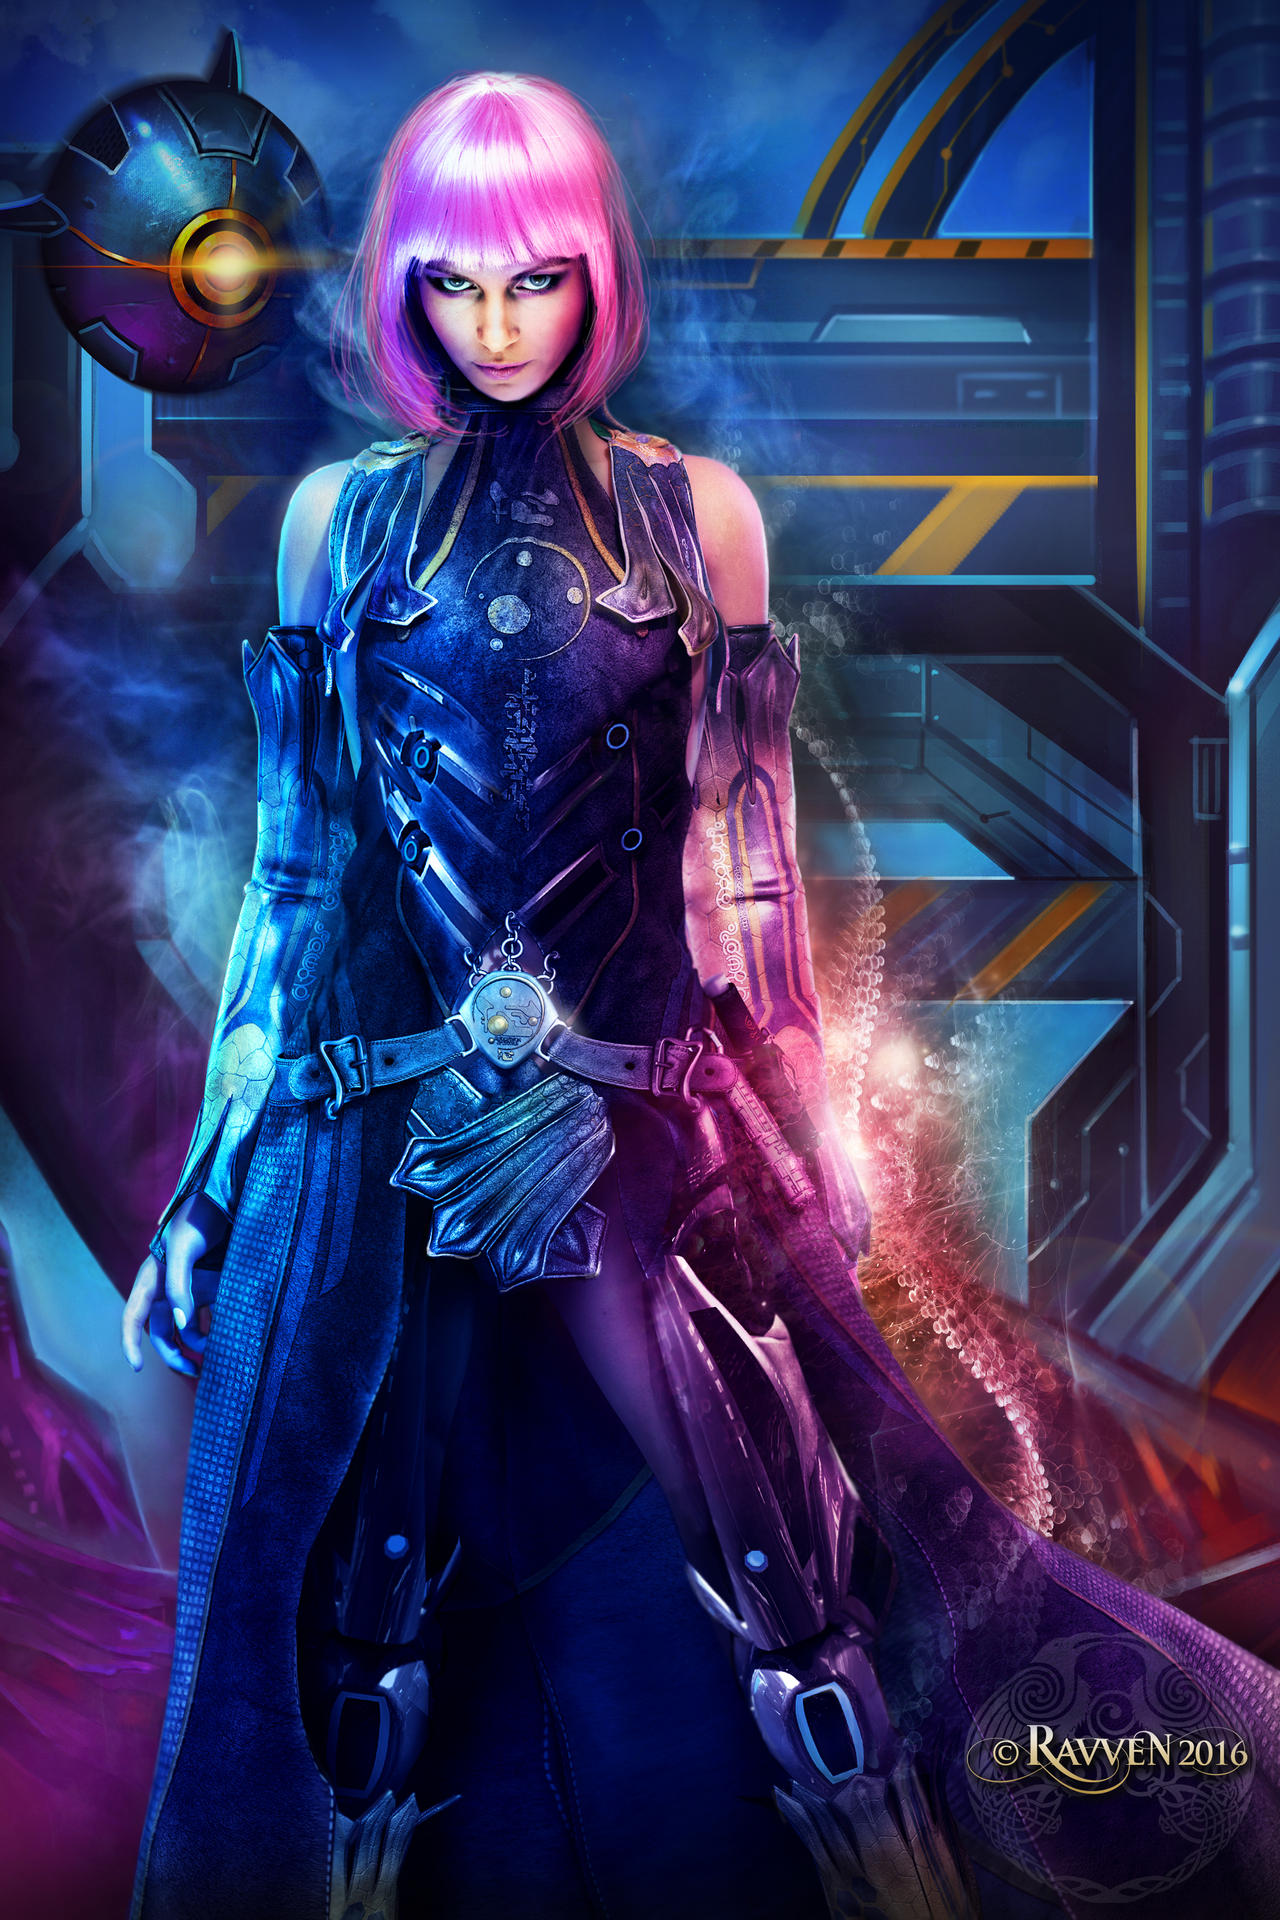 Space Princess by Ravven78